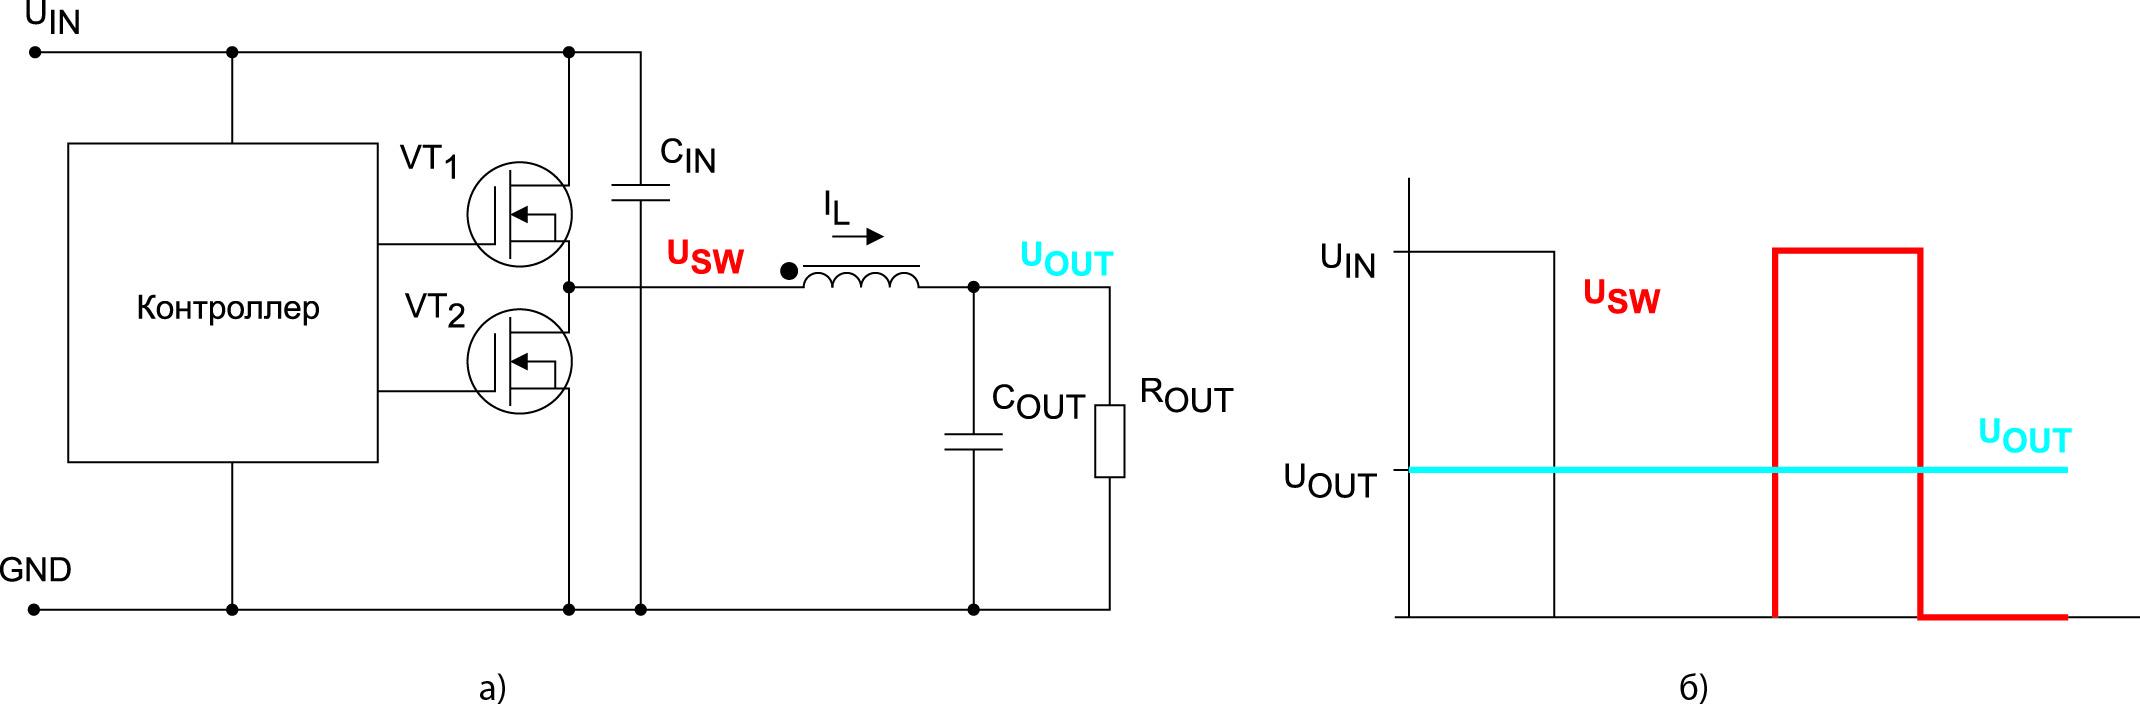 Упрощенная схема неизолированного понижающего преобразователя и его сигналы